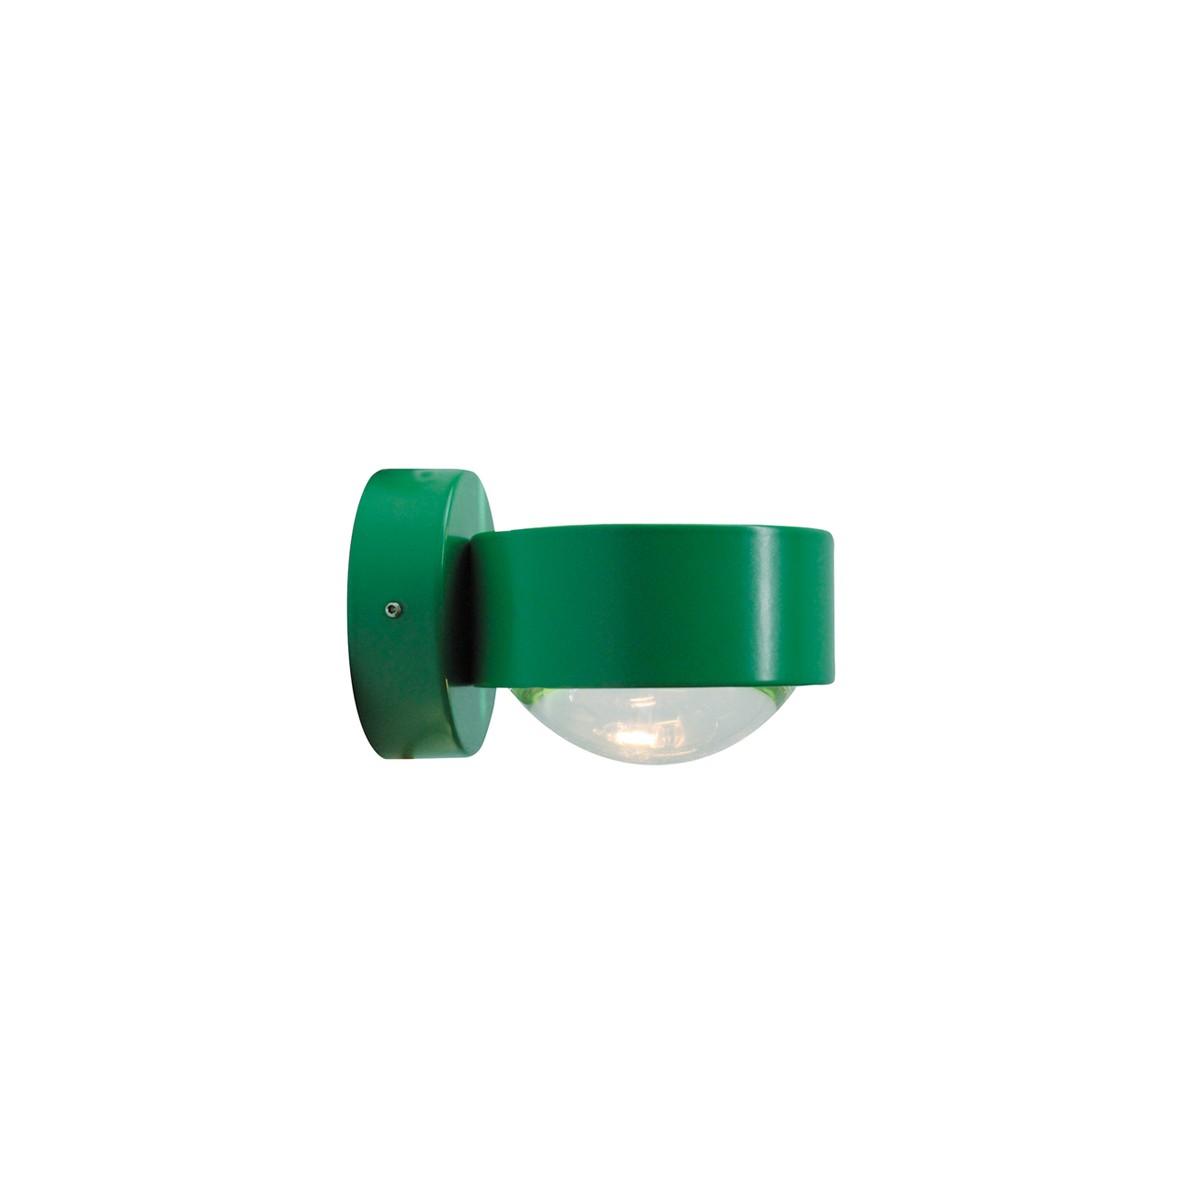 Top Light Puk Wall LED Wandleuchte, grün